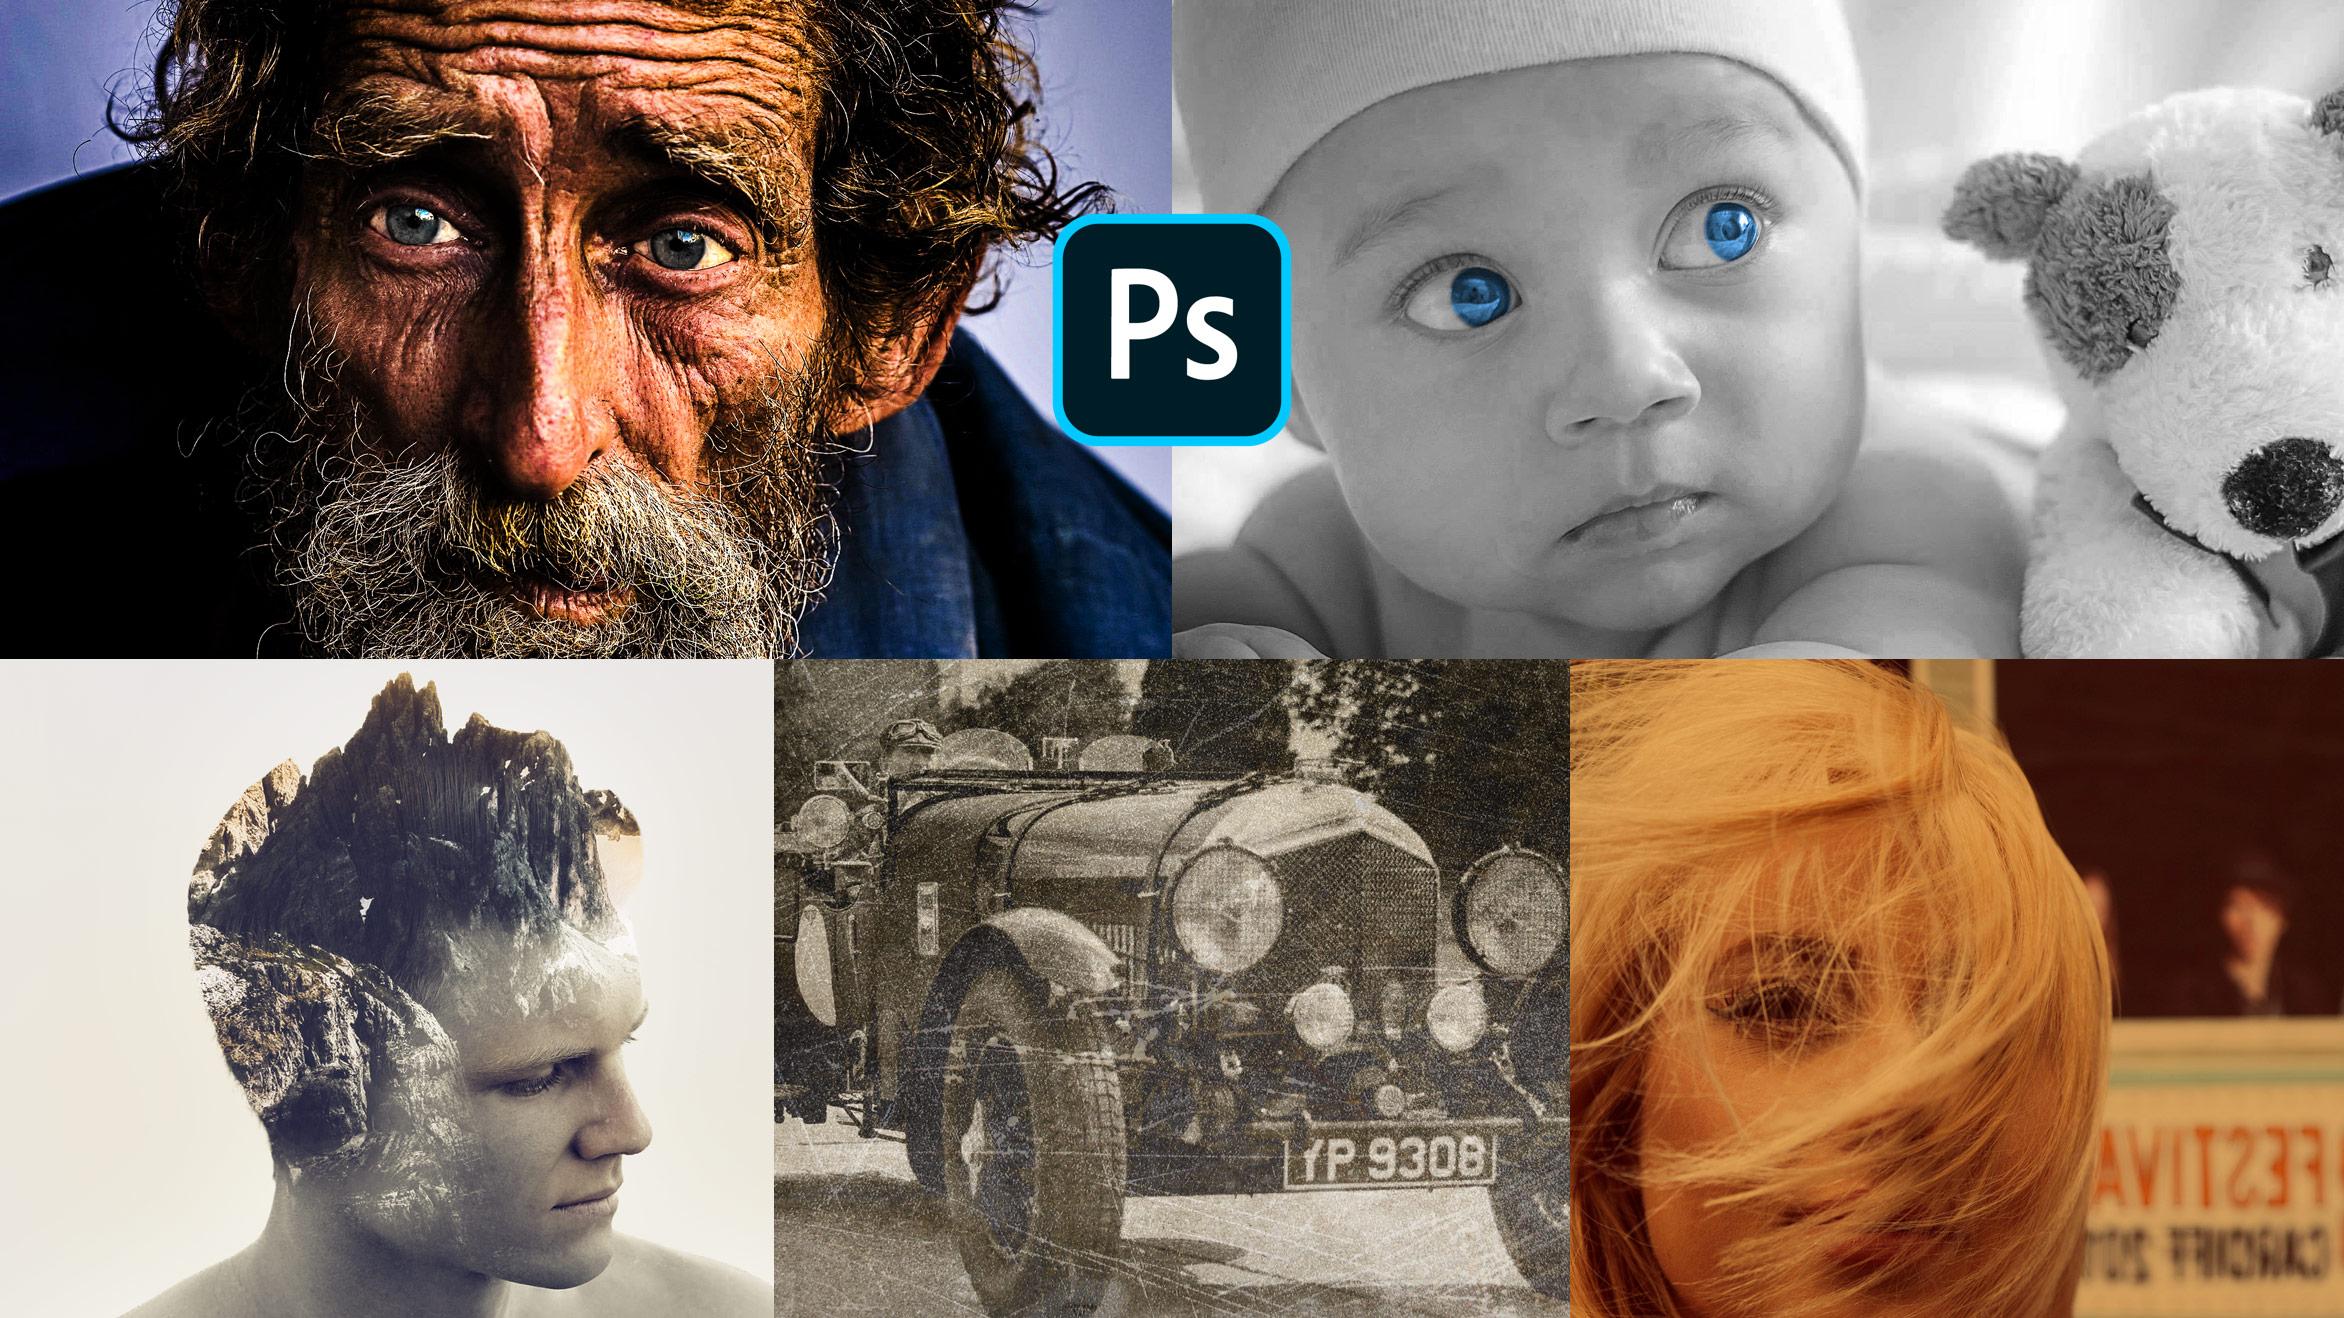 Efectos con Photoshop - Aprende a crear efectos fotográficos